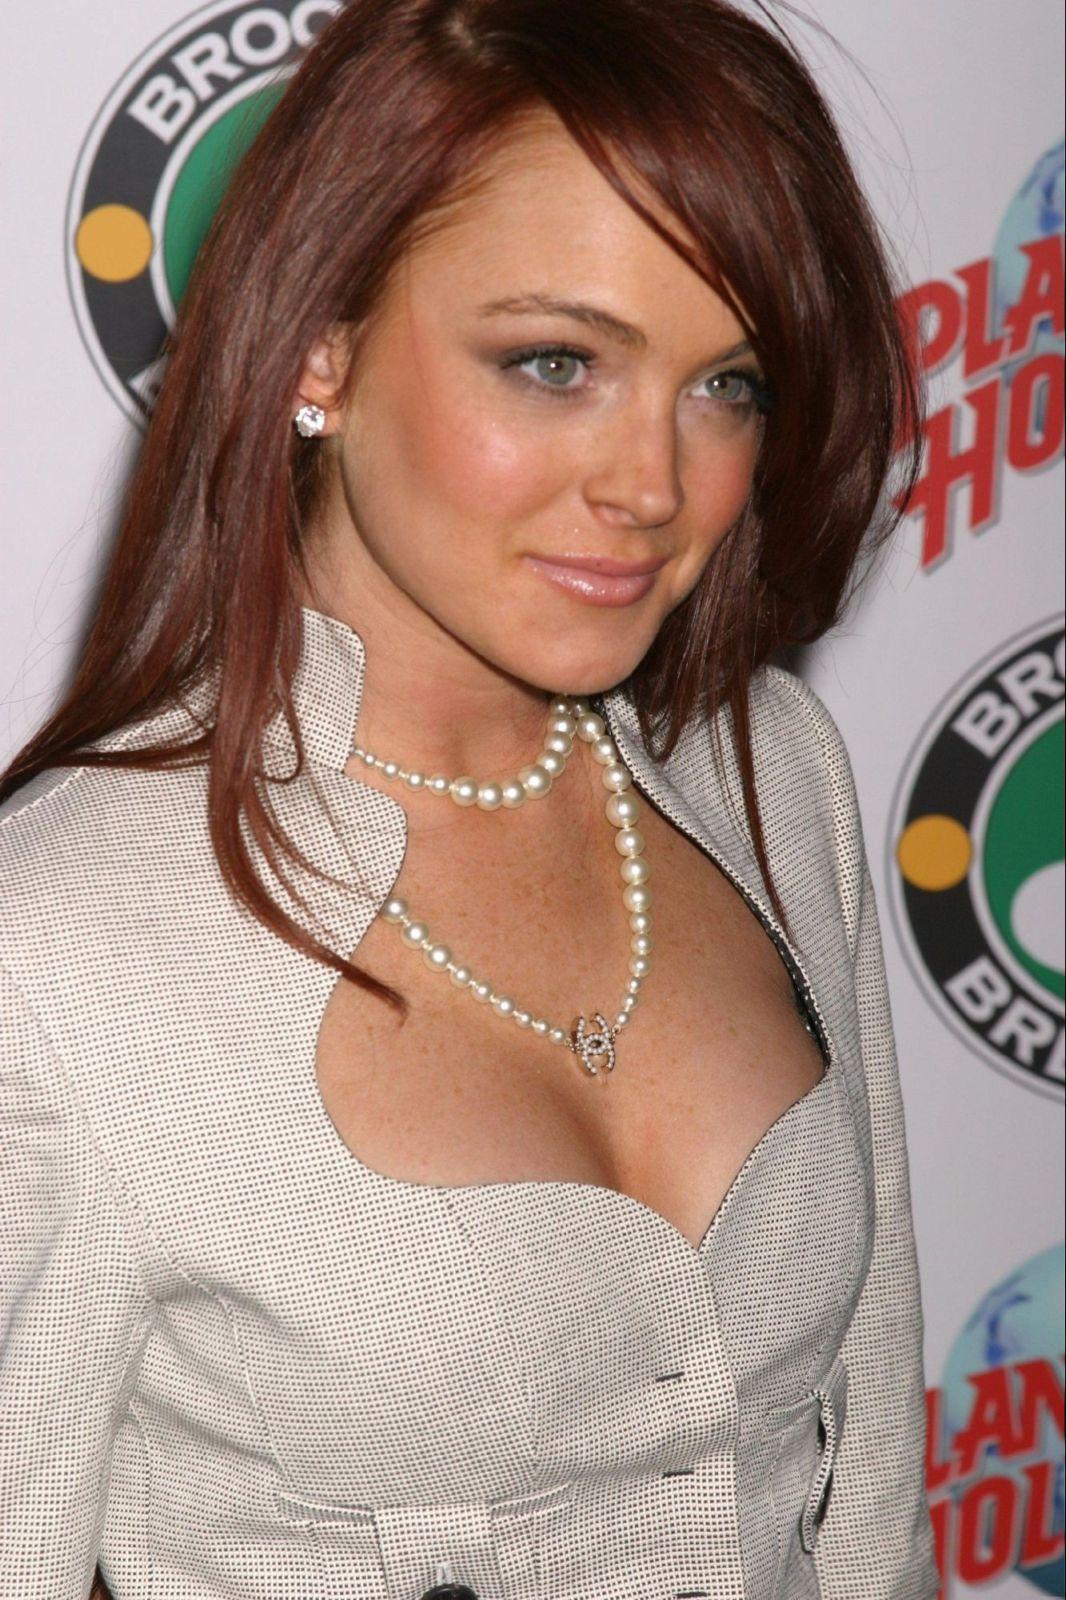 Lindsay-Lohan-photos-03.jpg (1066×1600)